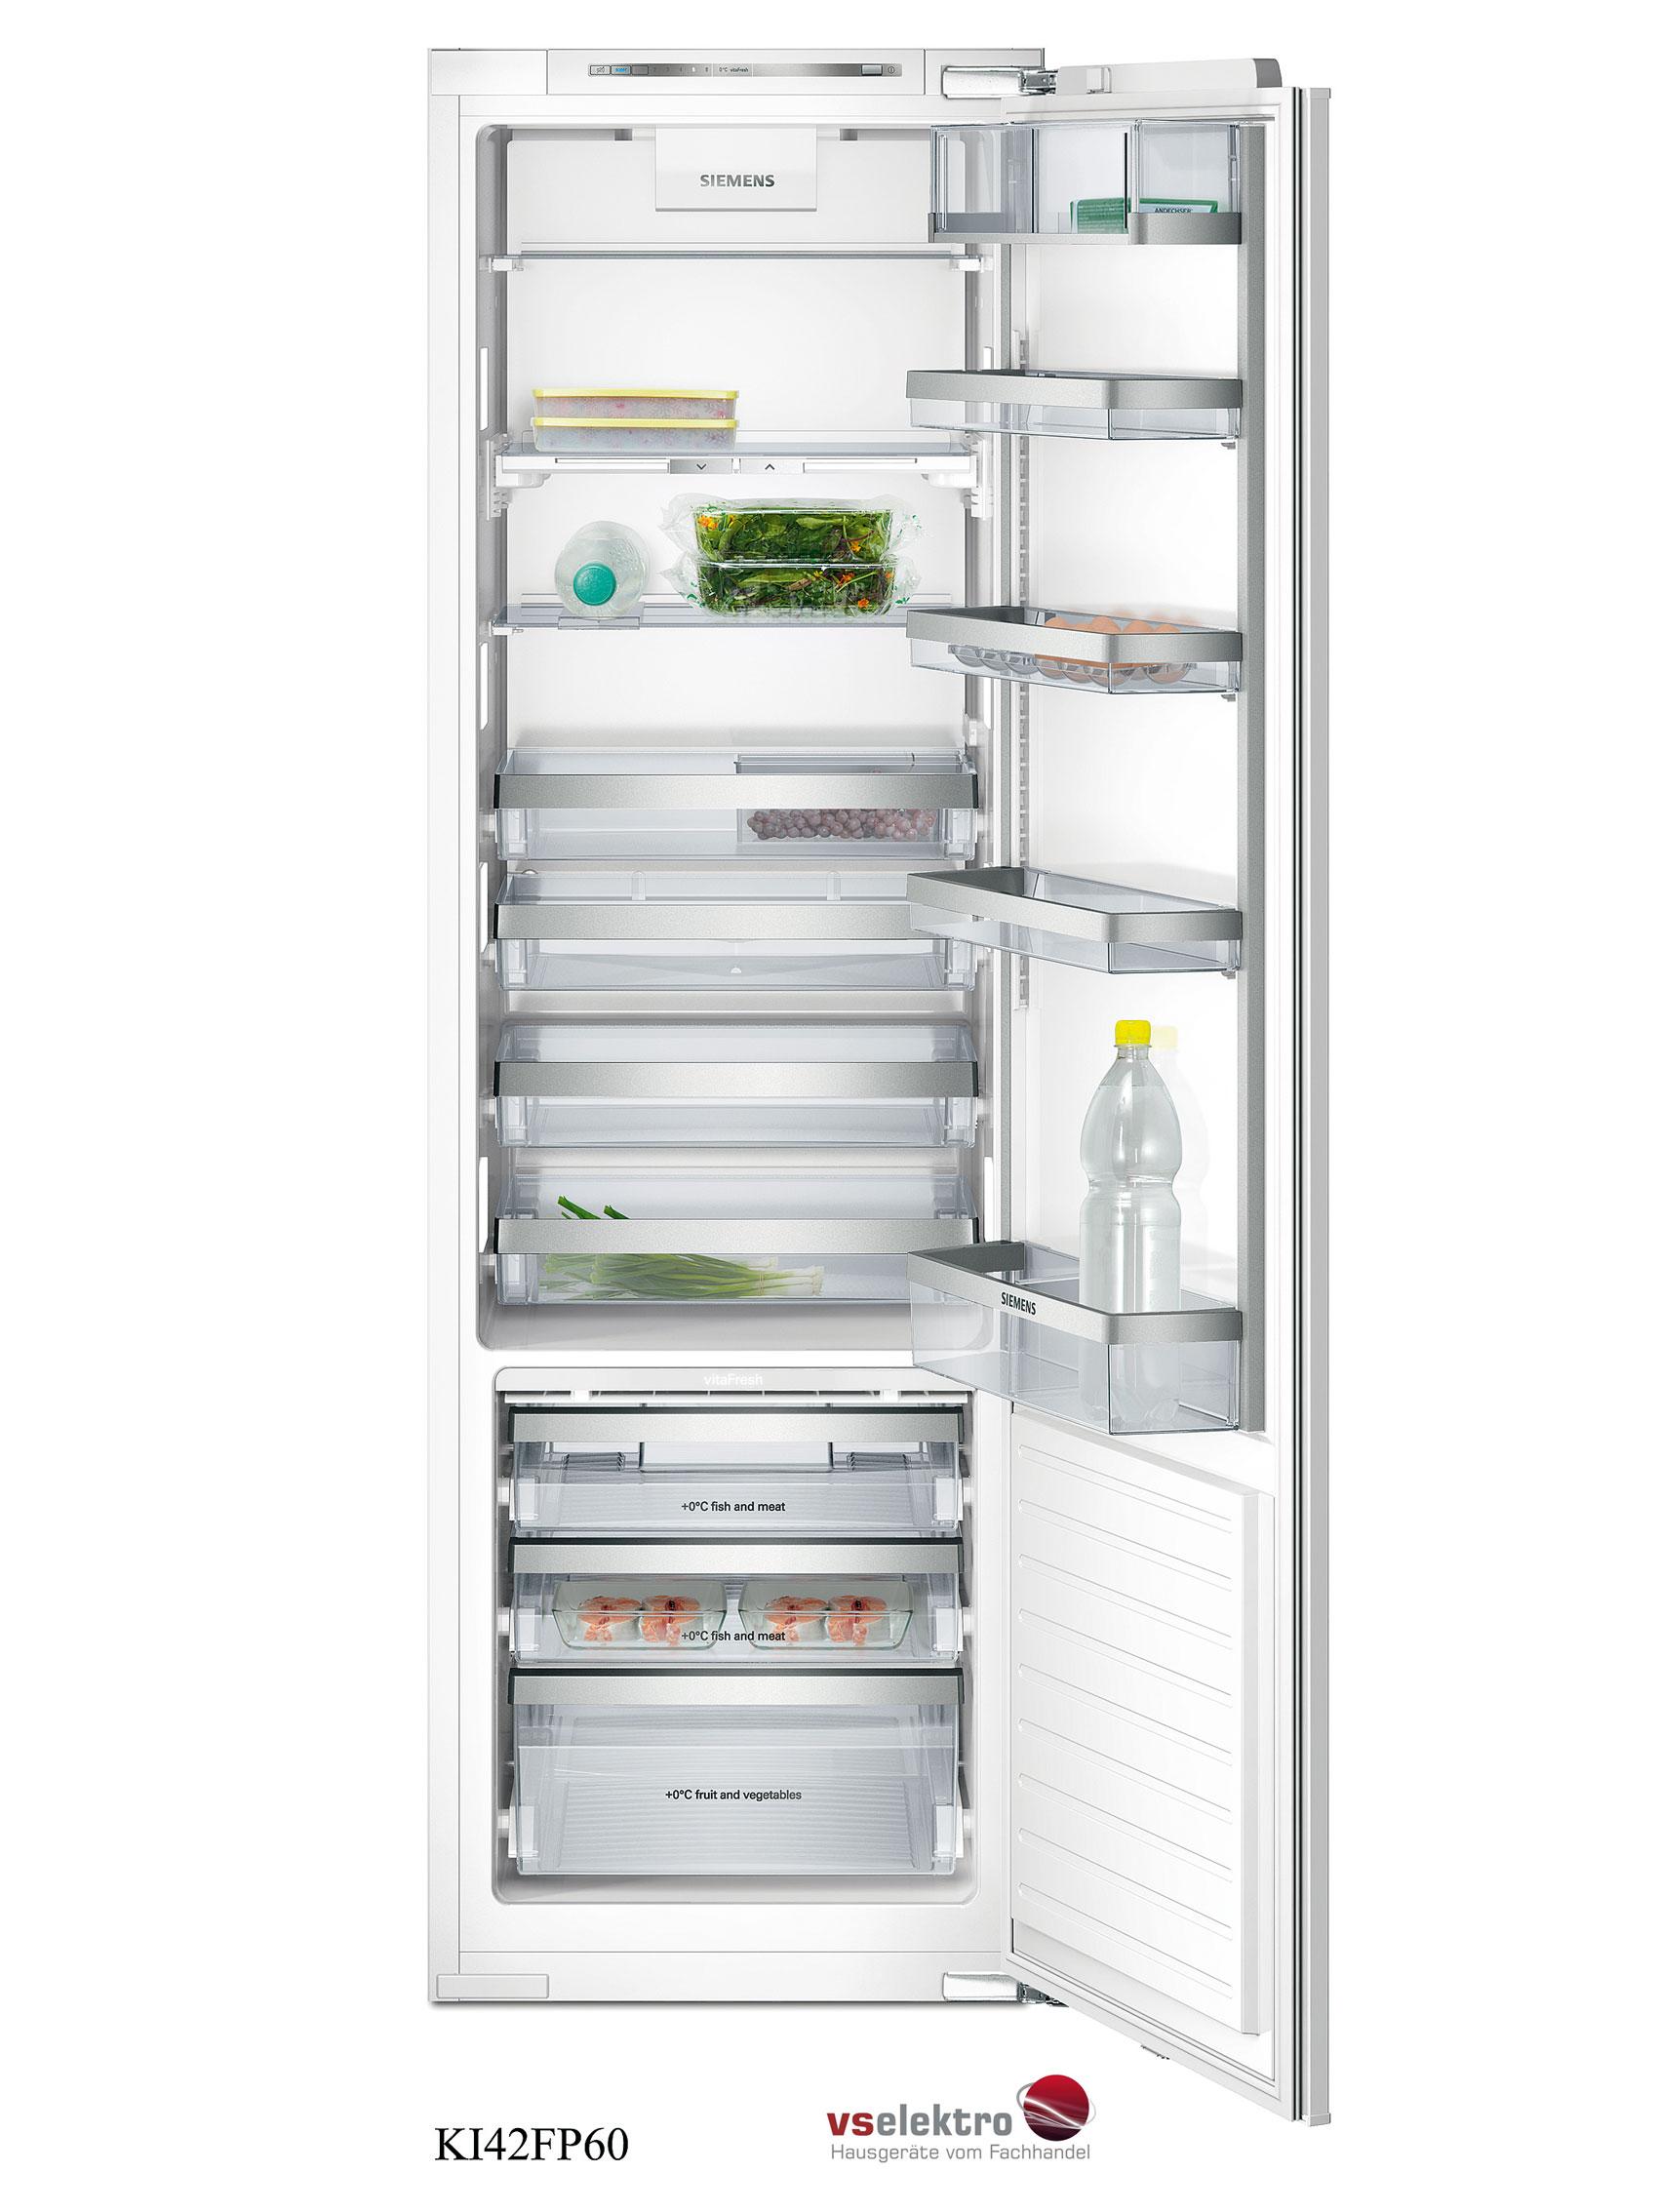 Siemens Einbau-Kühlschrank KI42FP60 mit Vitafresh | VS Elektro